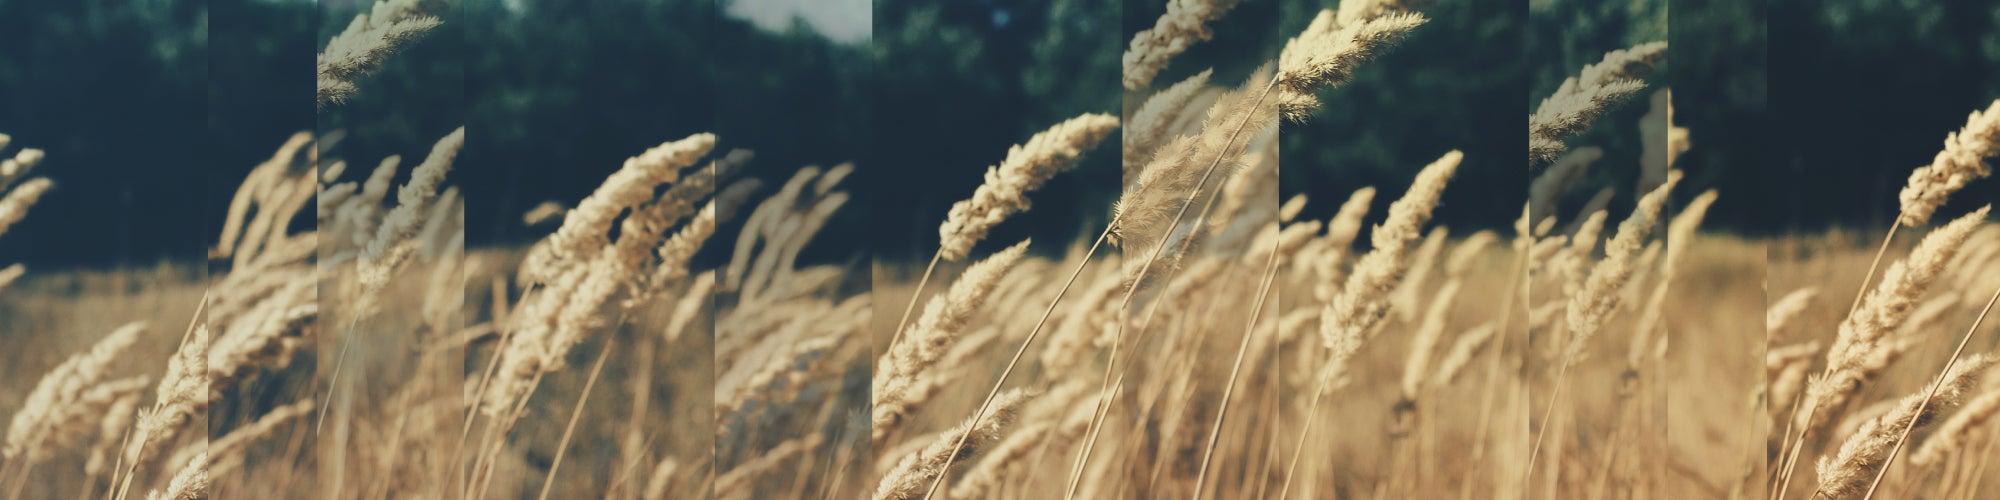 Understanding Genetically Engineered Crops